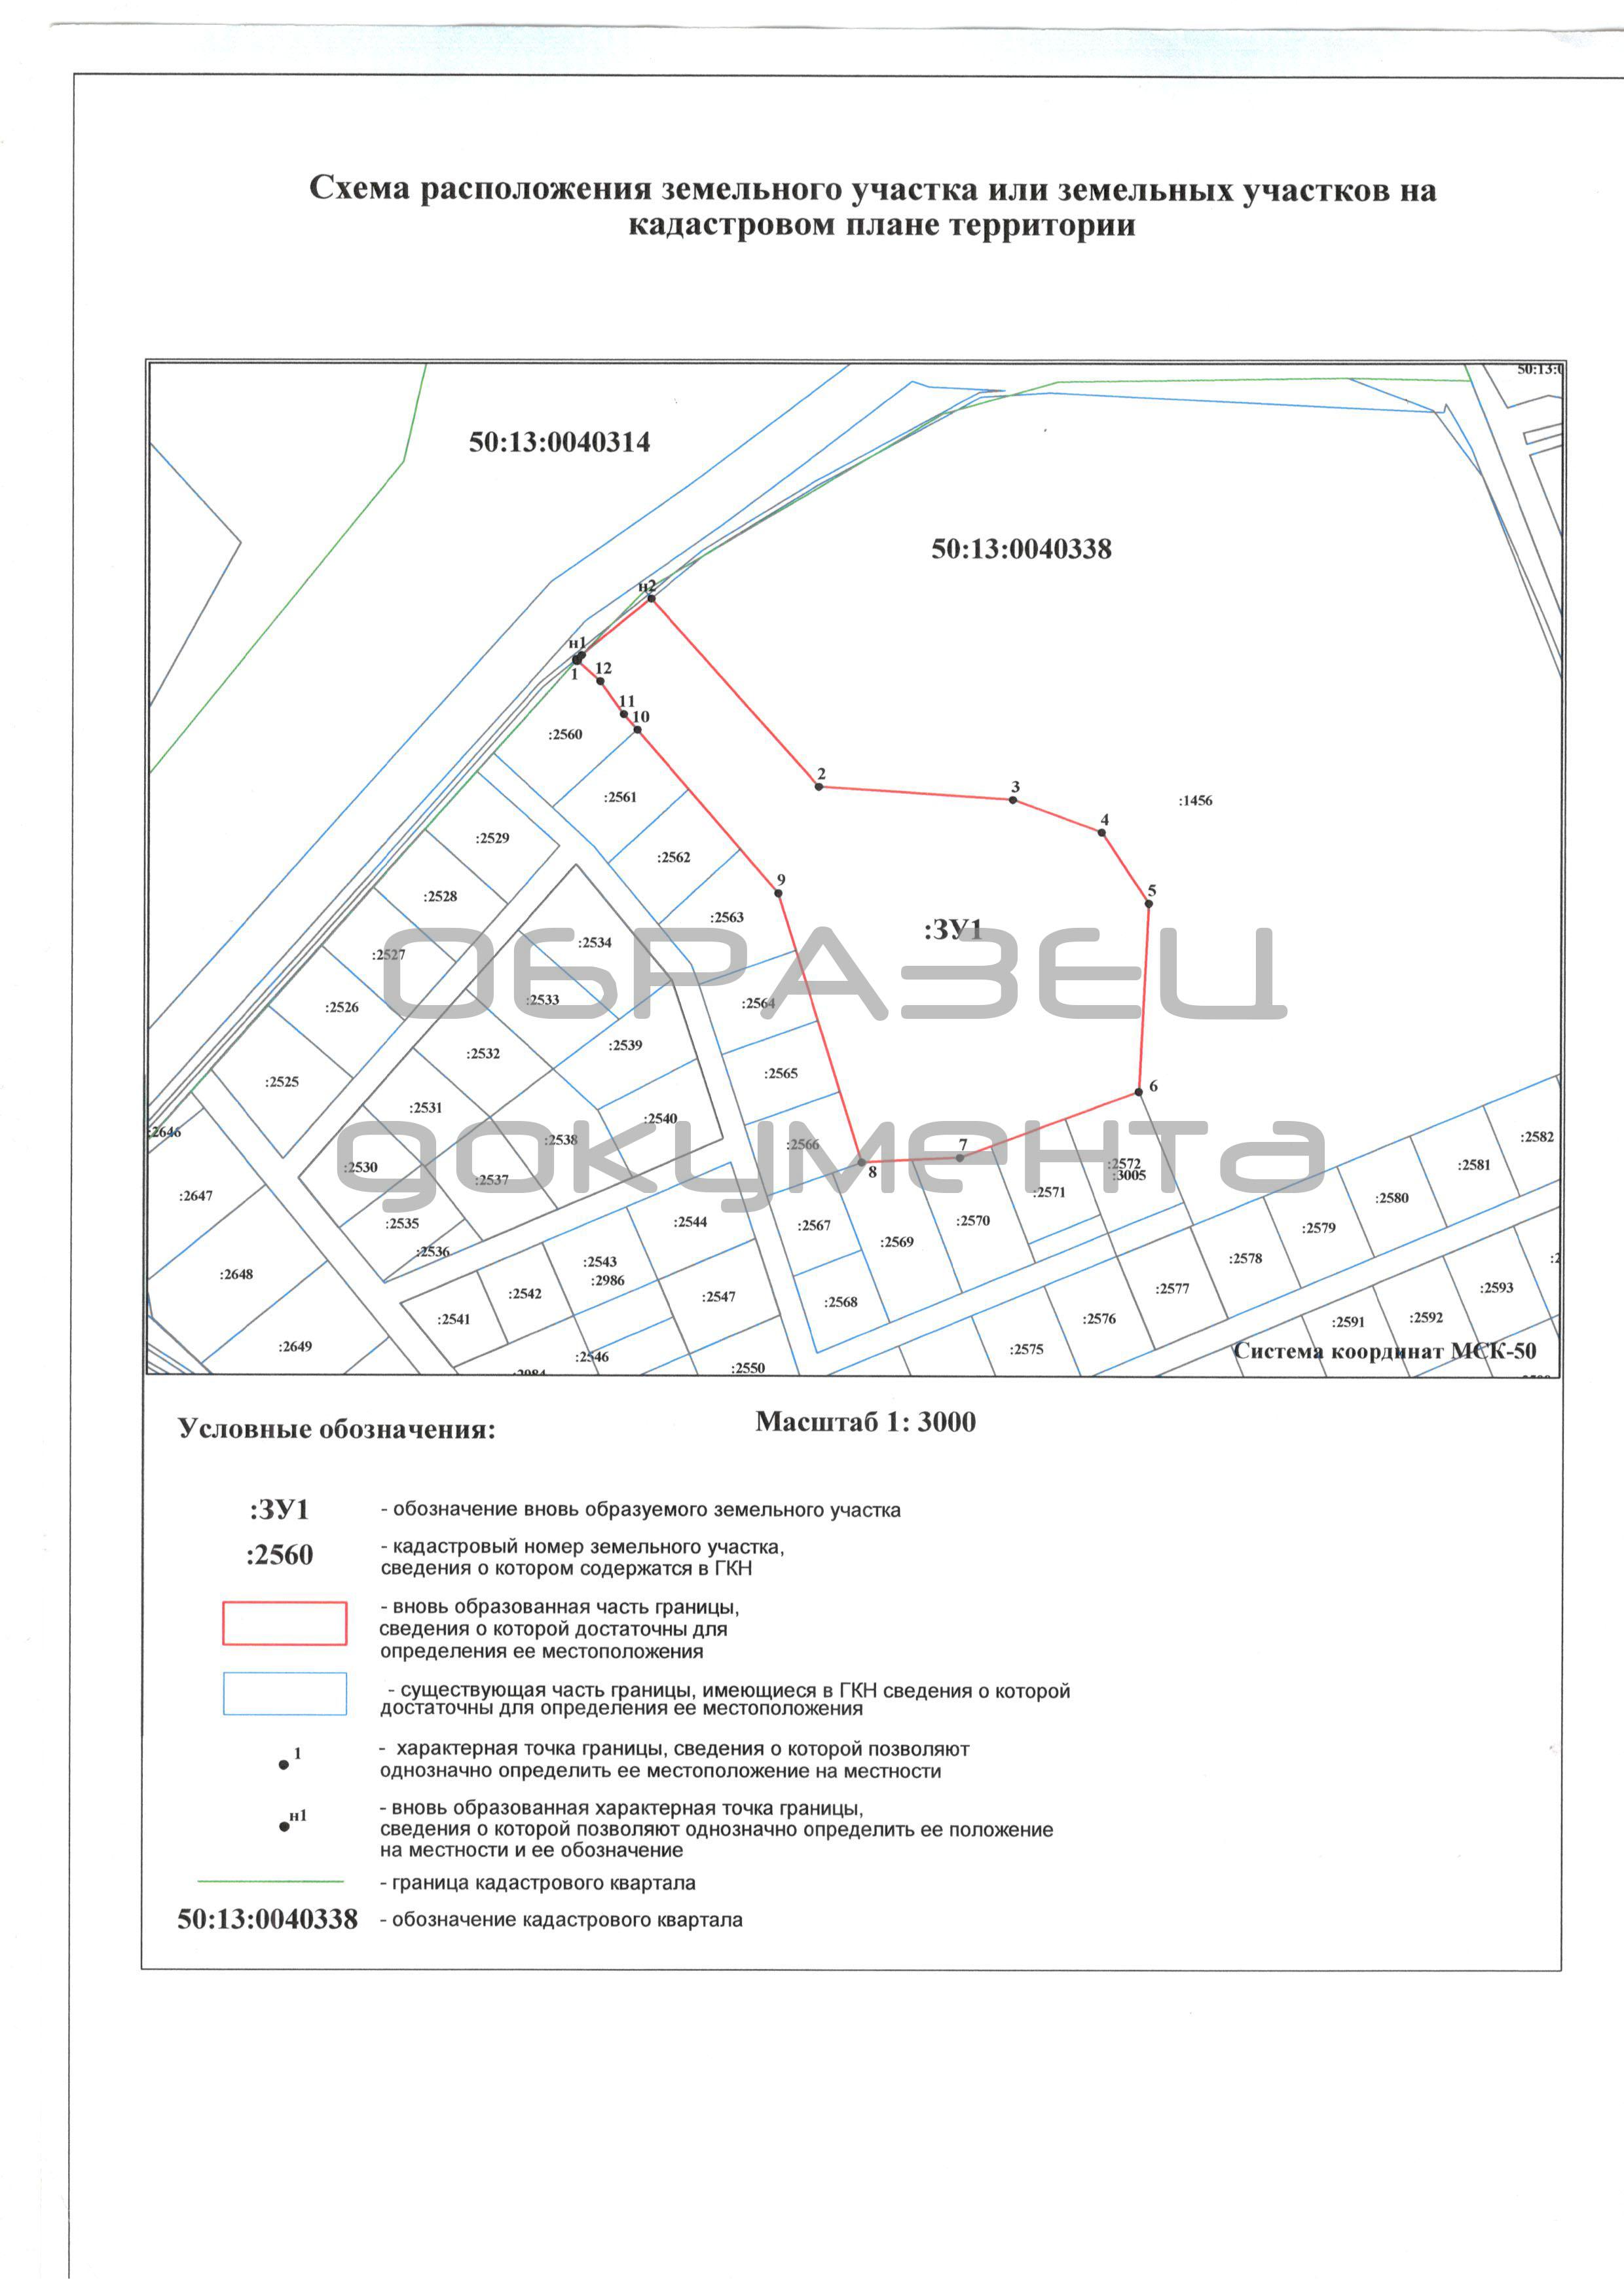 Получить схему расположения земельного участка на кадастровом плане